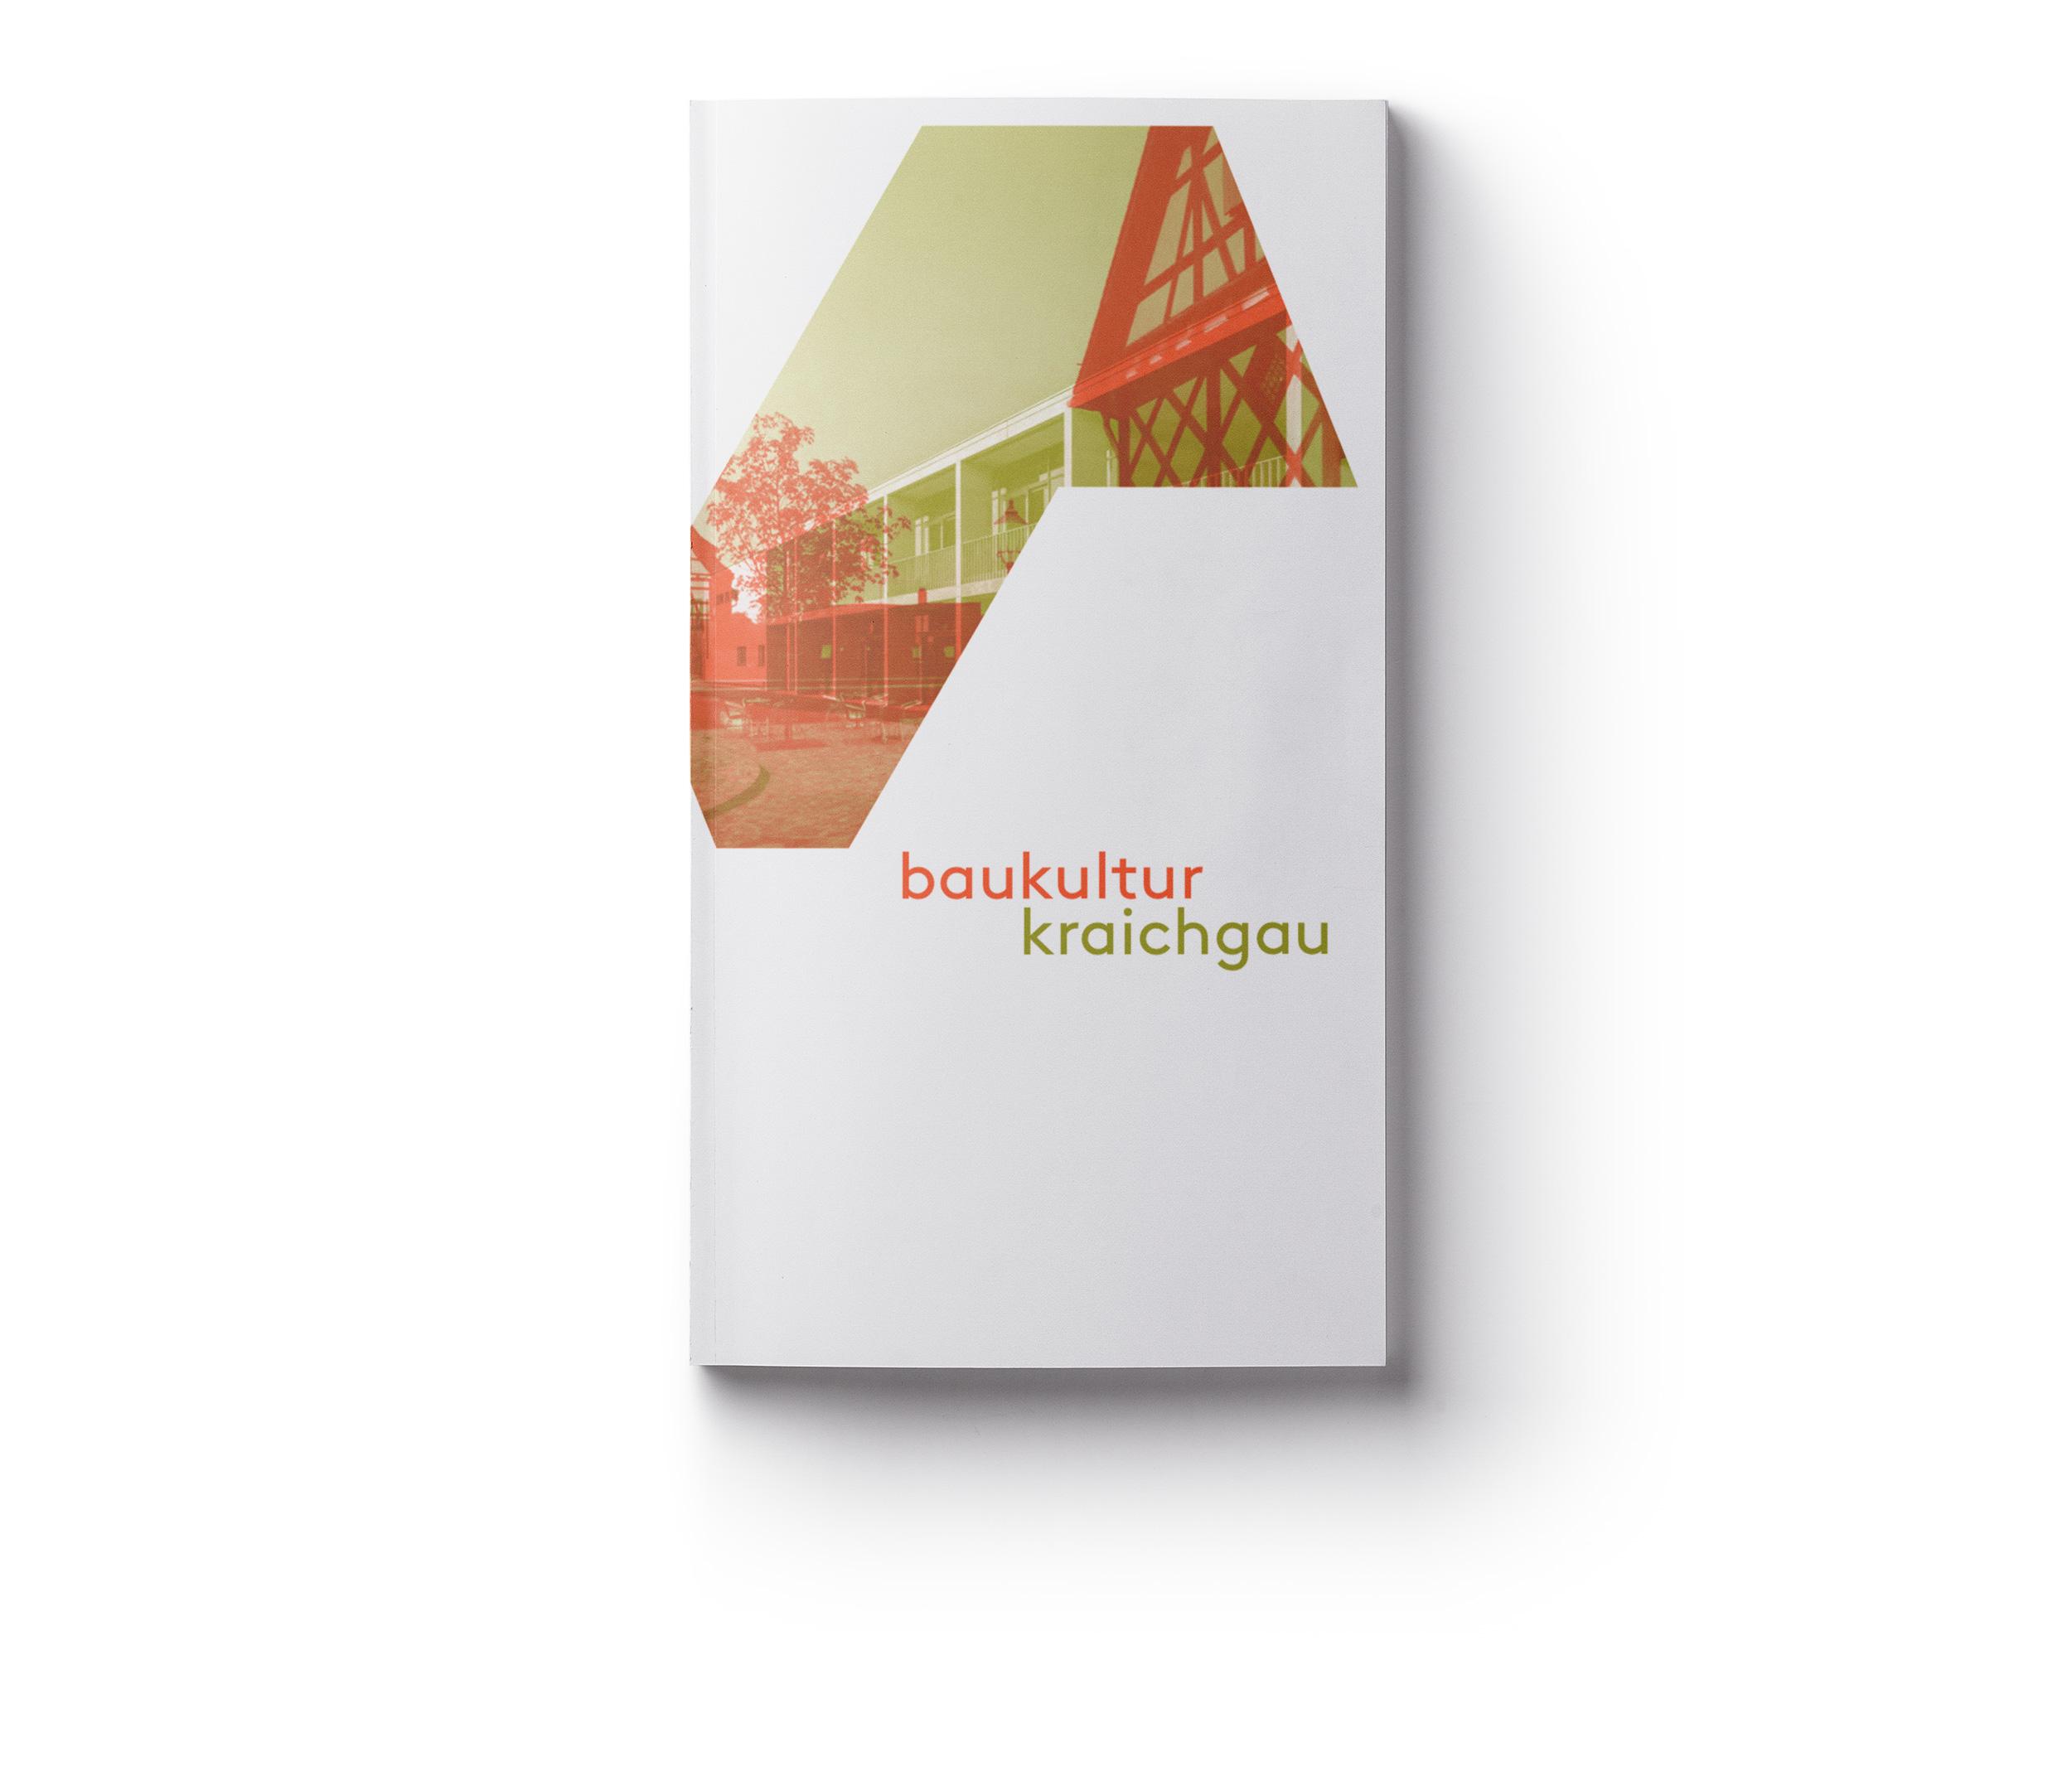 Baukultur Kraichgau Buch